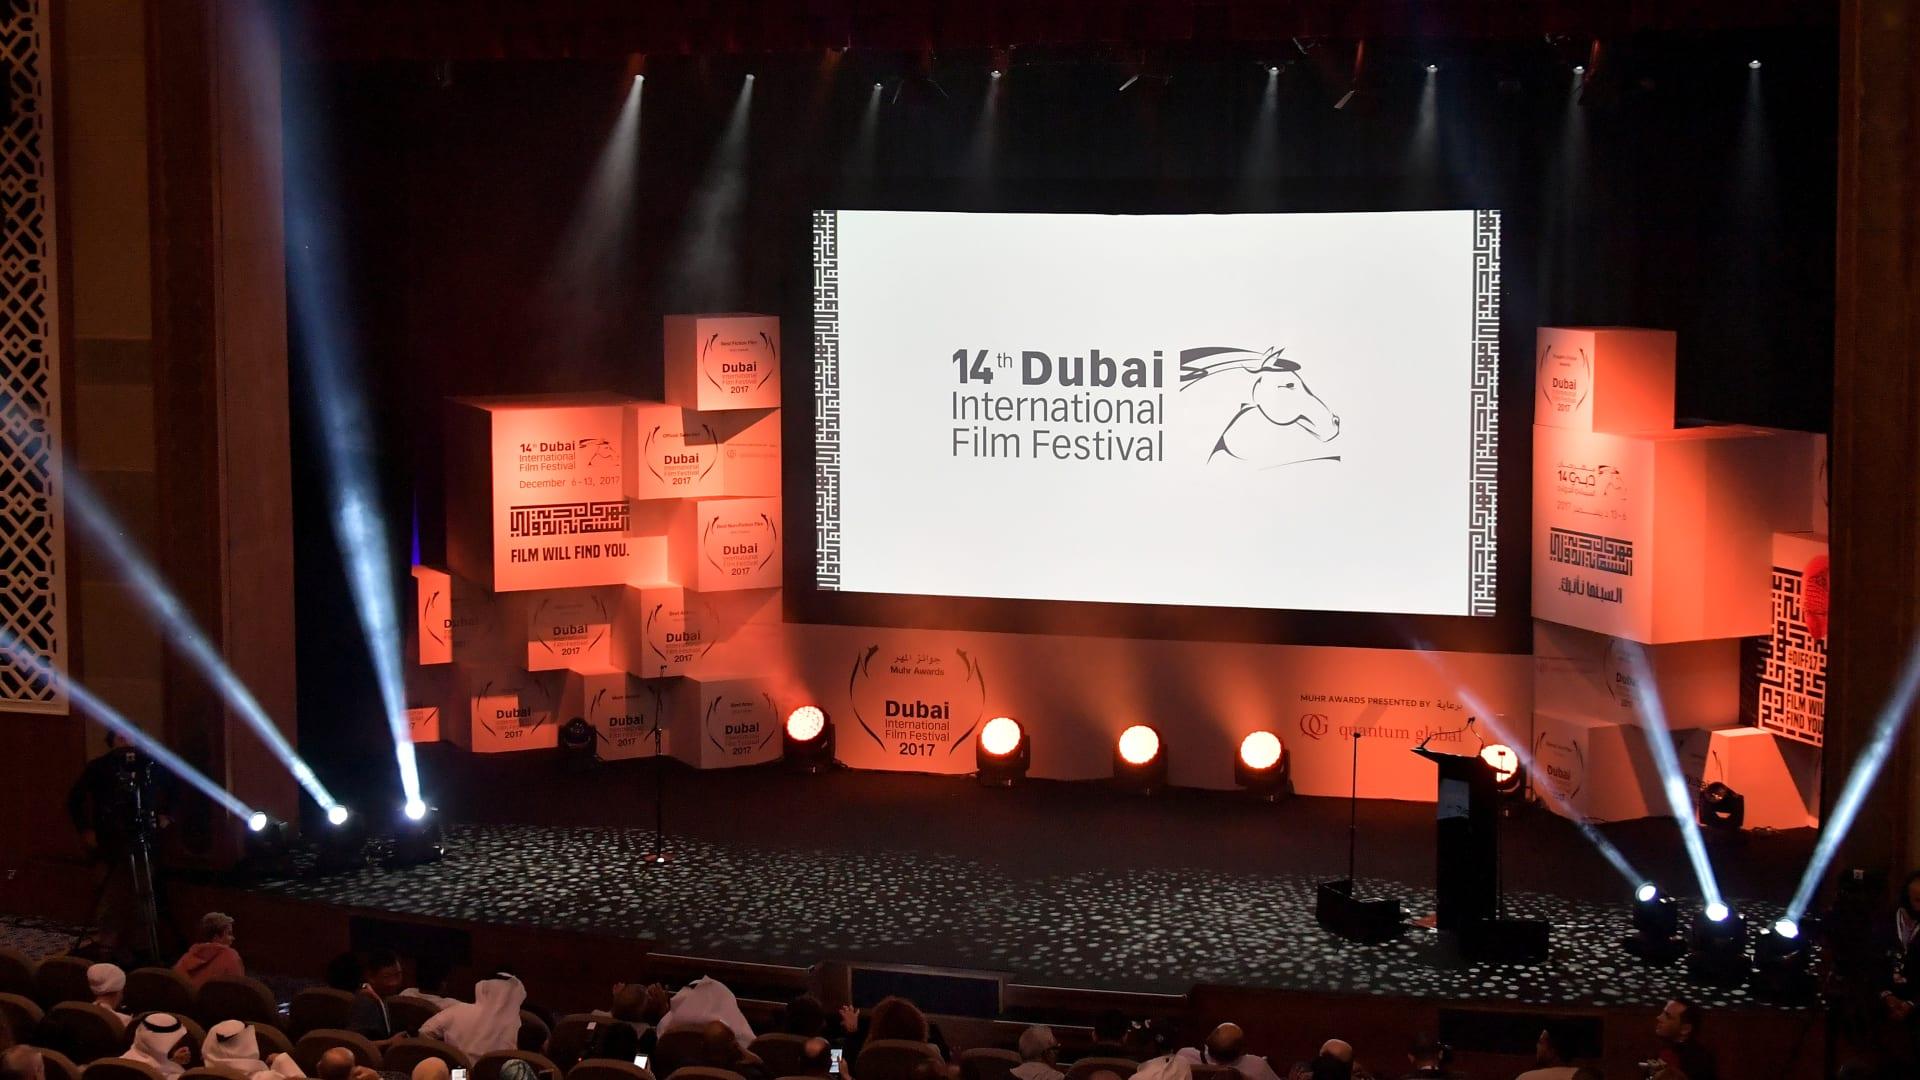 مهرجان دبي السينمائي.. استراتيجيات جديدة والدورة المقبلة عام 2019